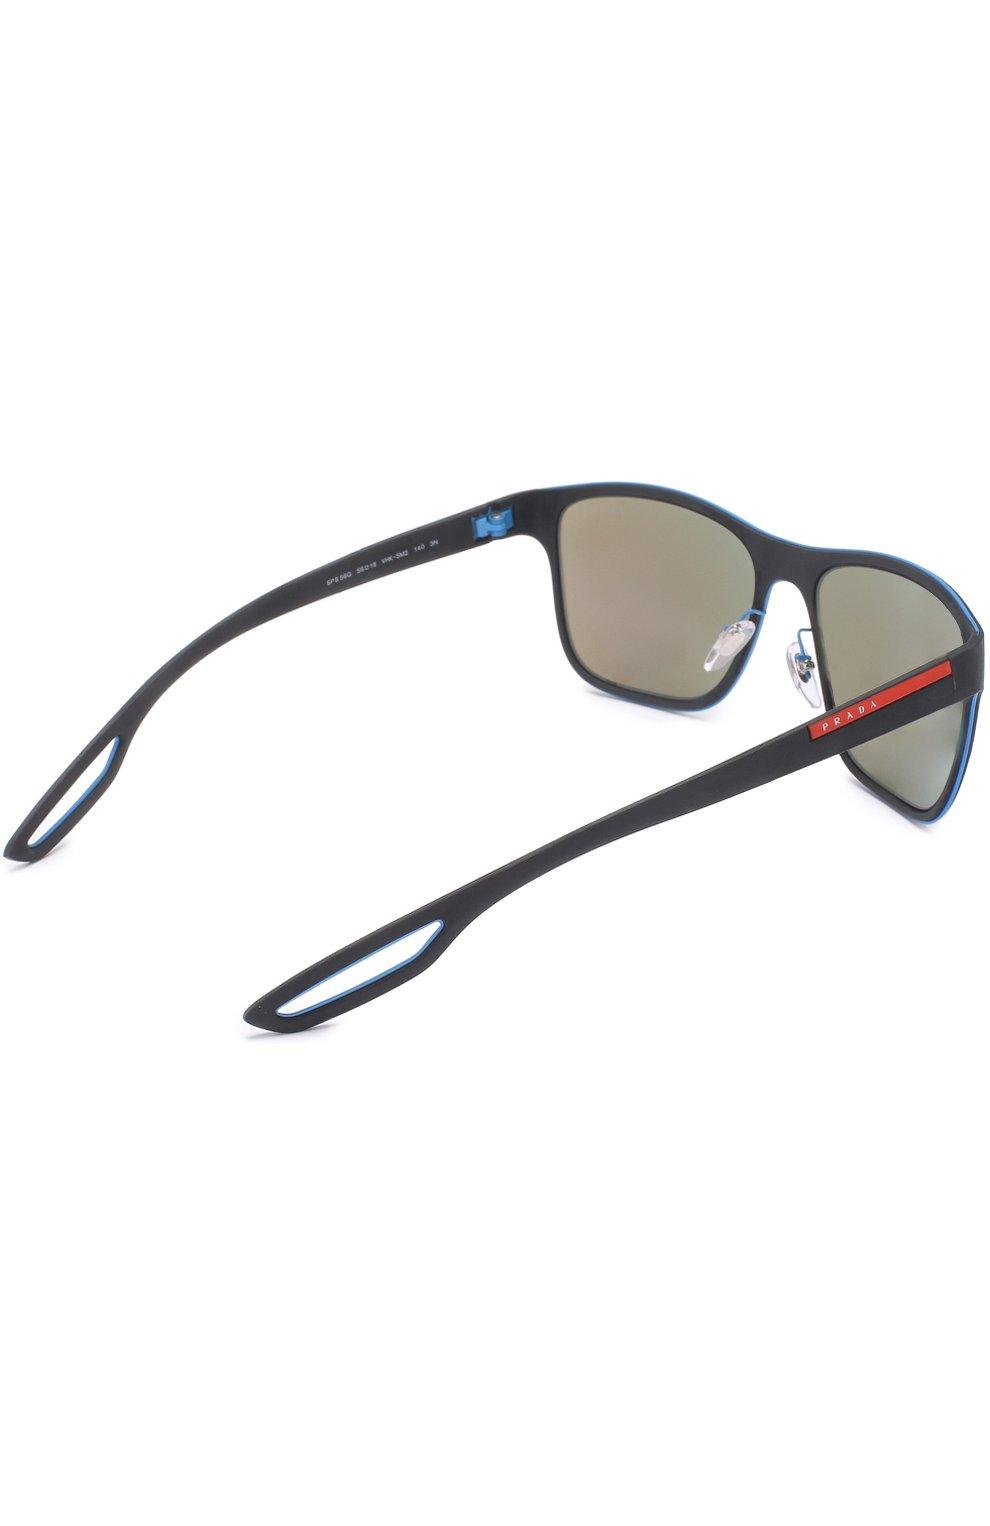 717dc8b1e980 Мужские синие солнцезащитные очки prada linea rossa PRADA — купить ...